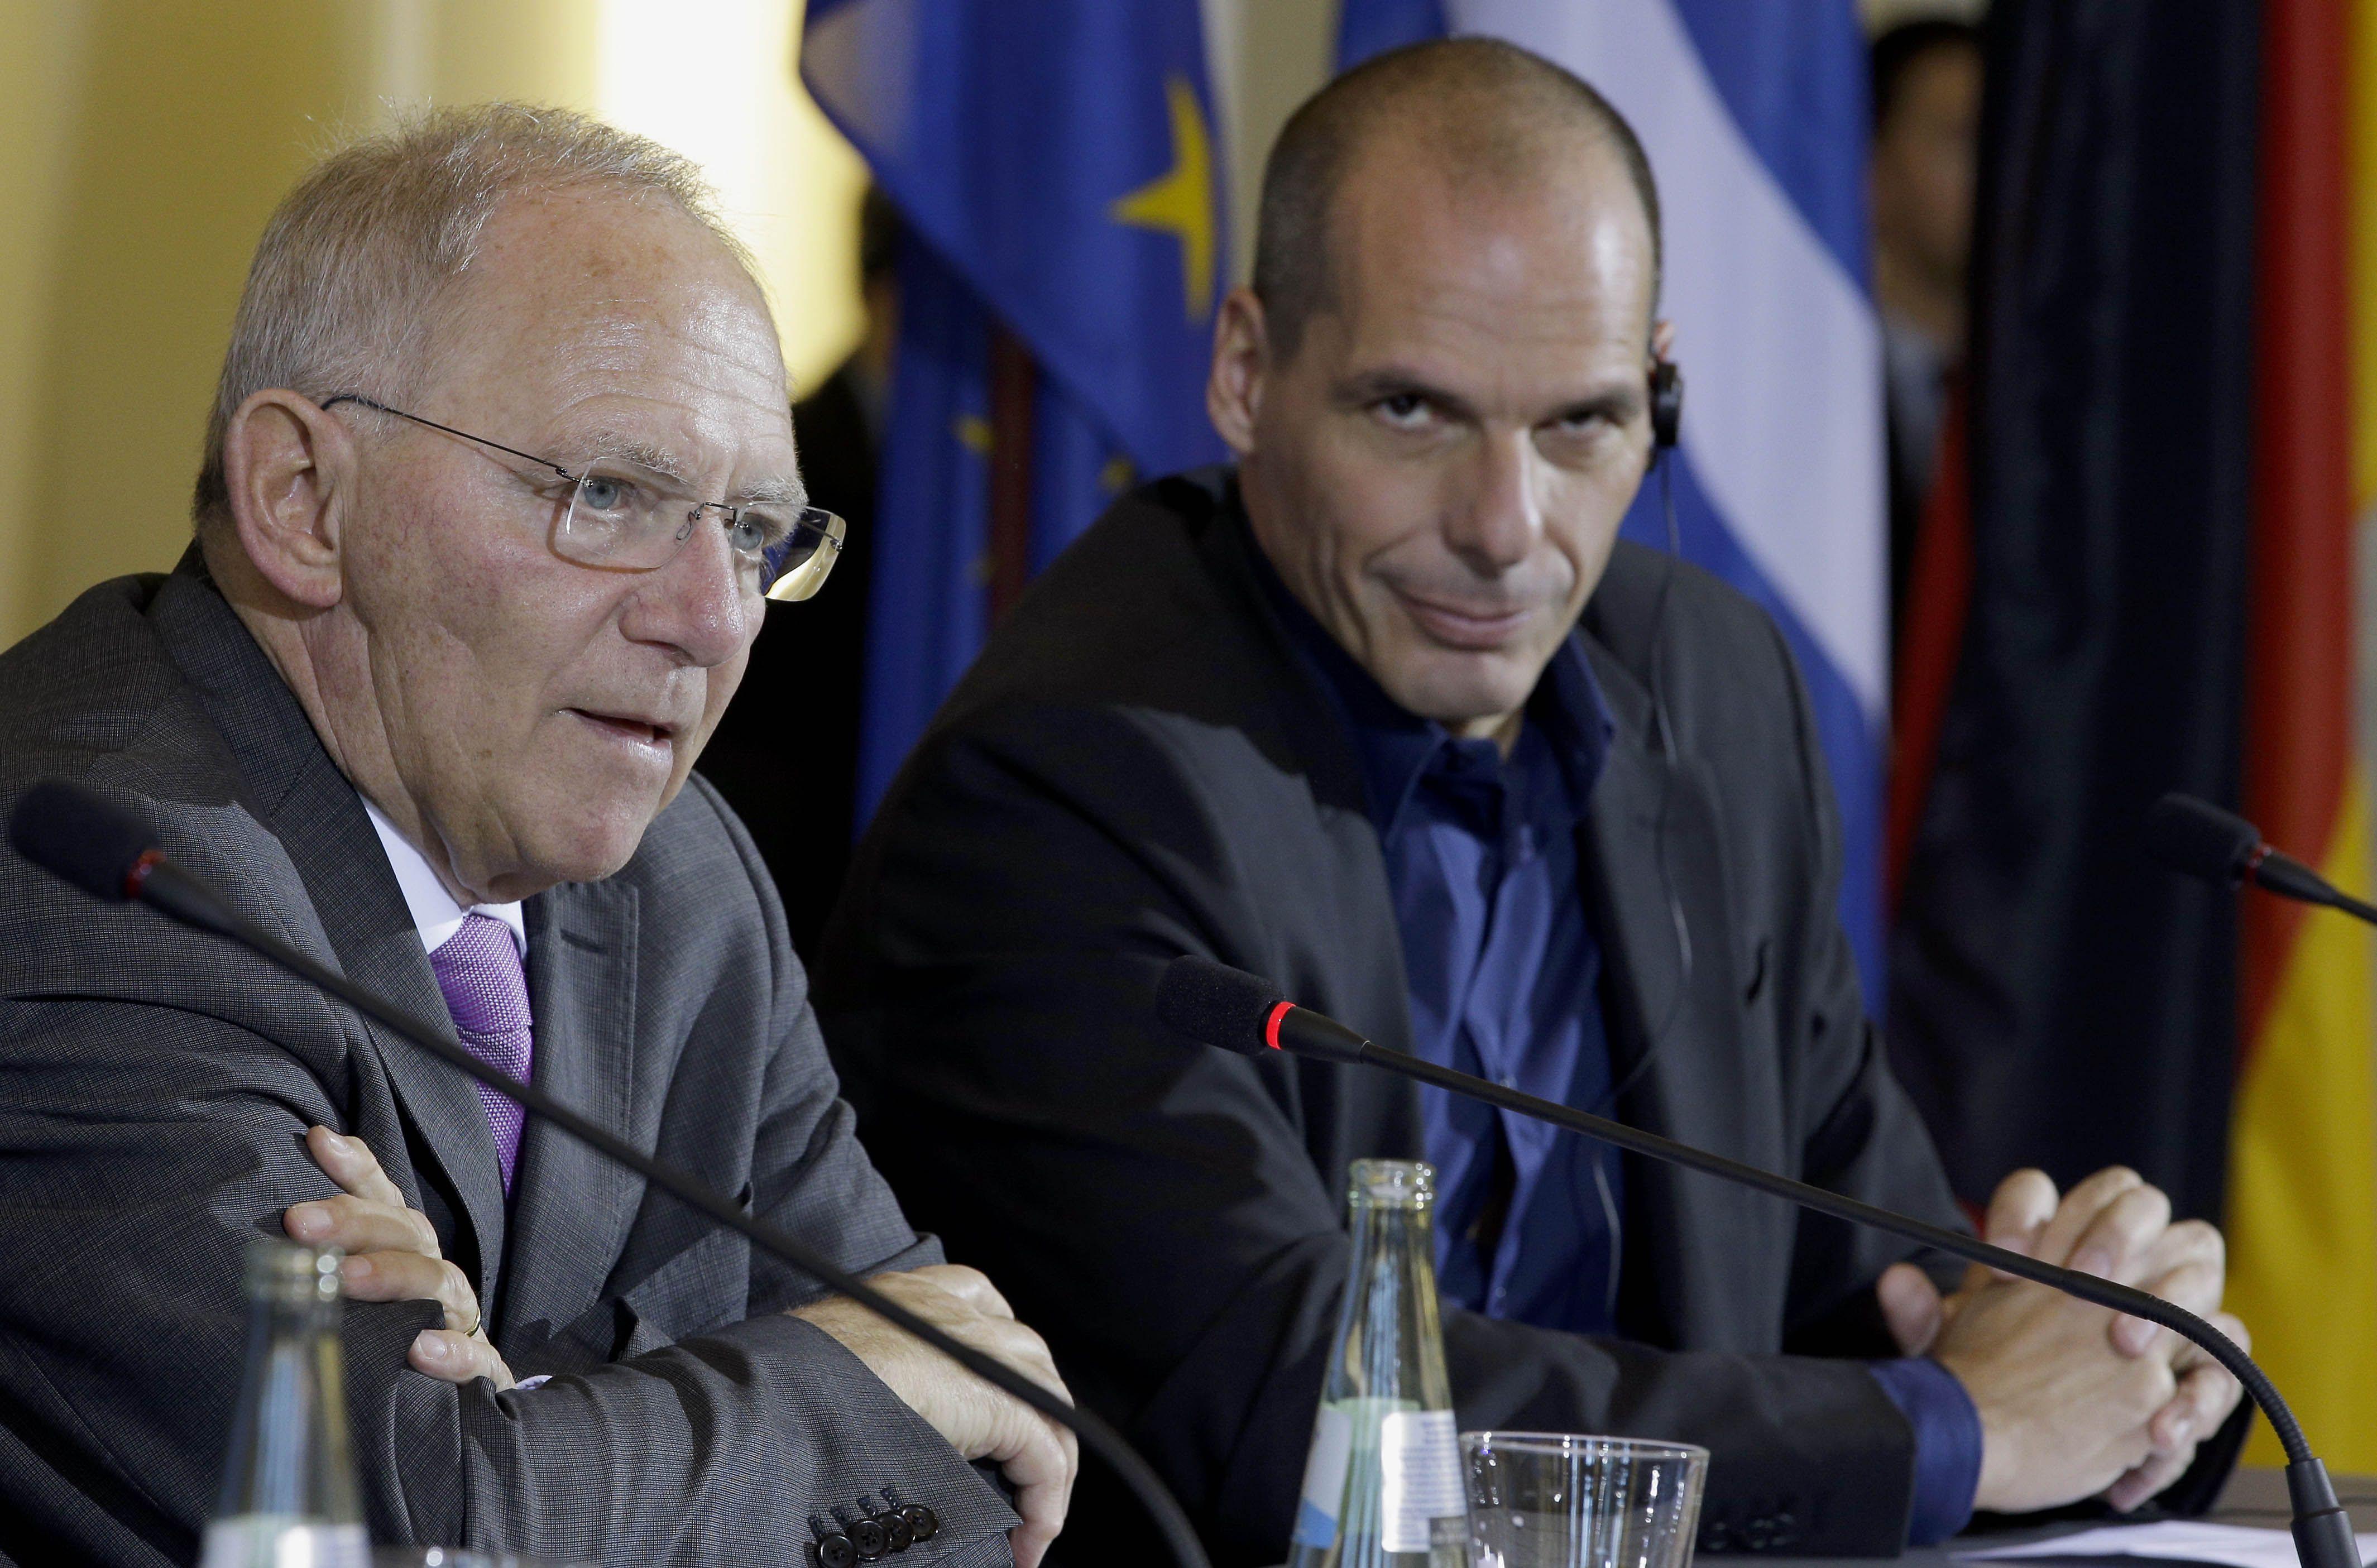 El ministro alemán de Finanzas Schauble con su par griego